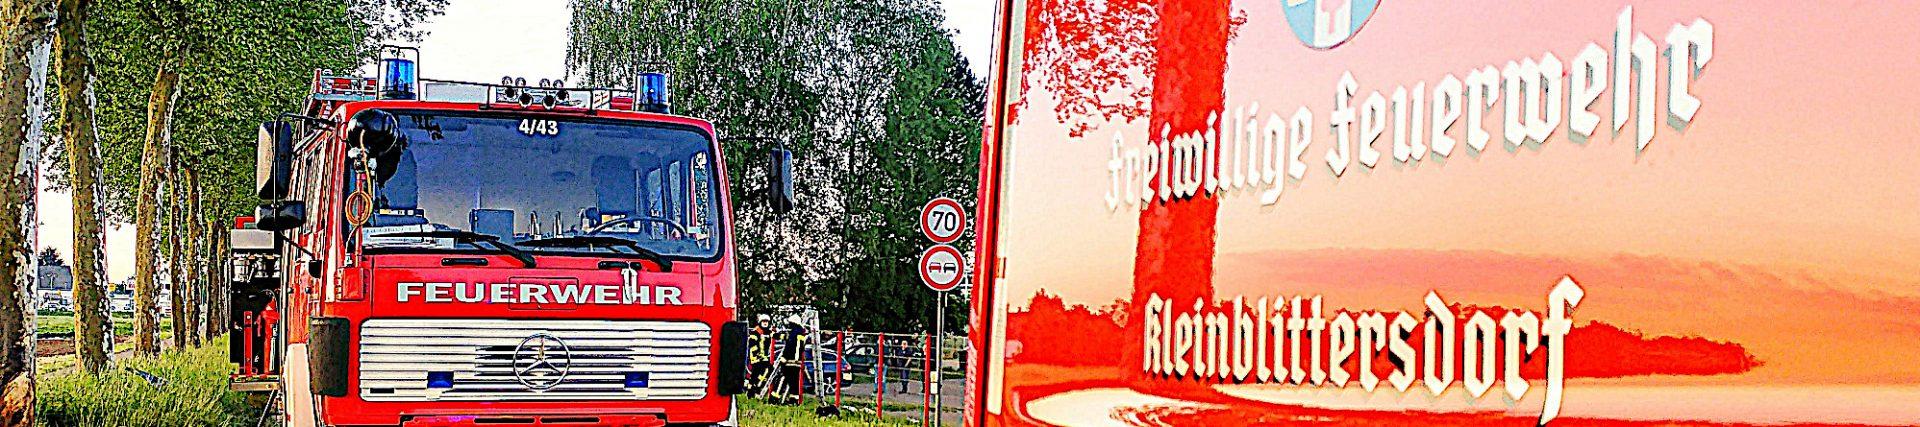 Feuerwehr Kleinblittersdorf